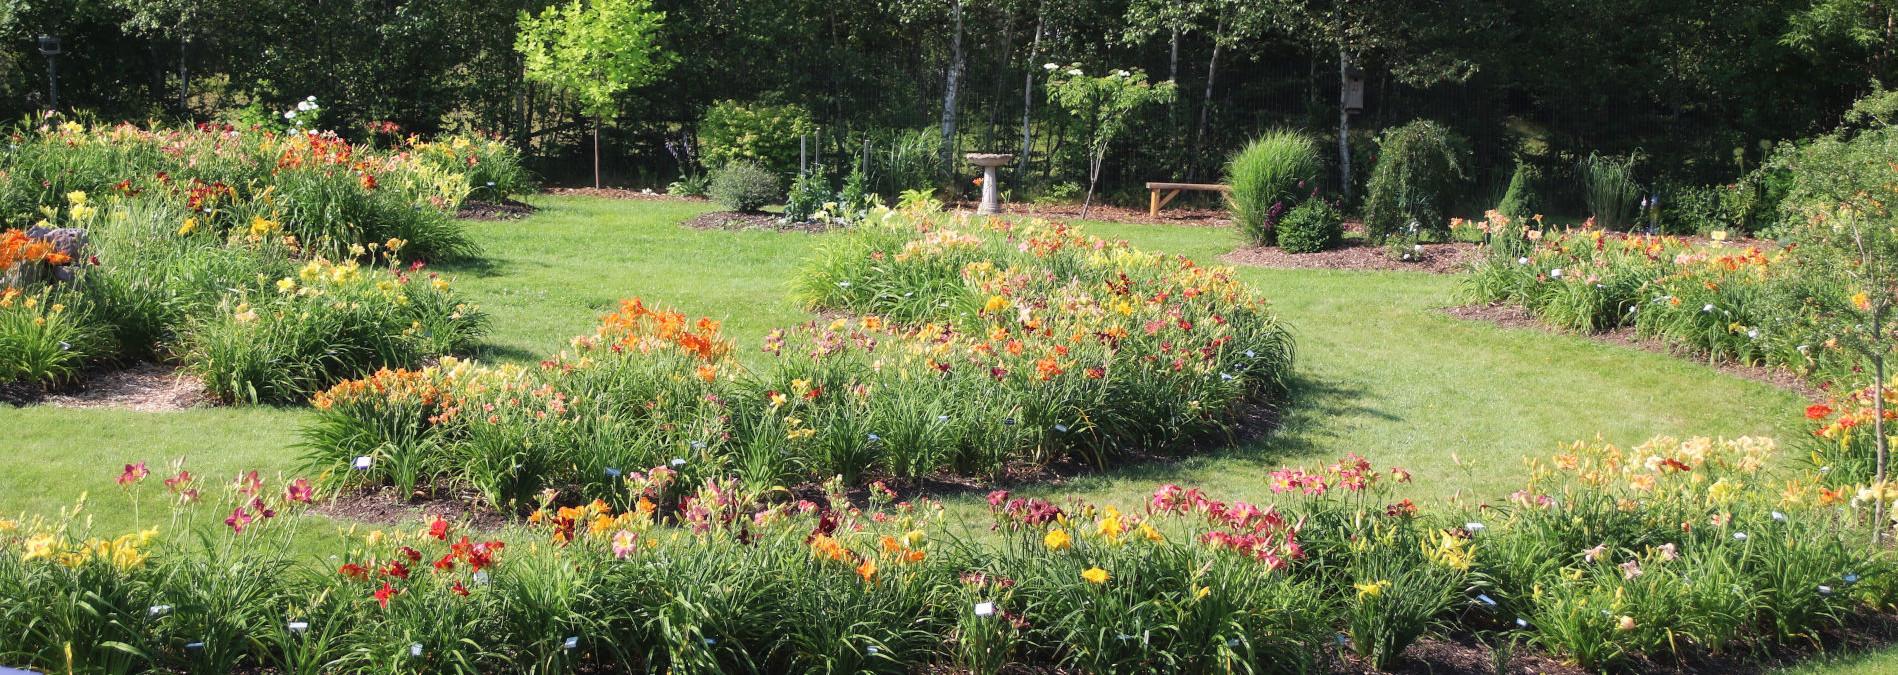 pheasant-gardens-garden-675px